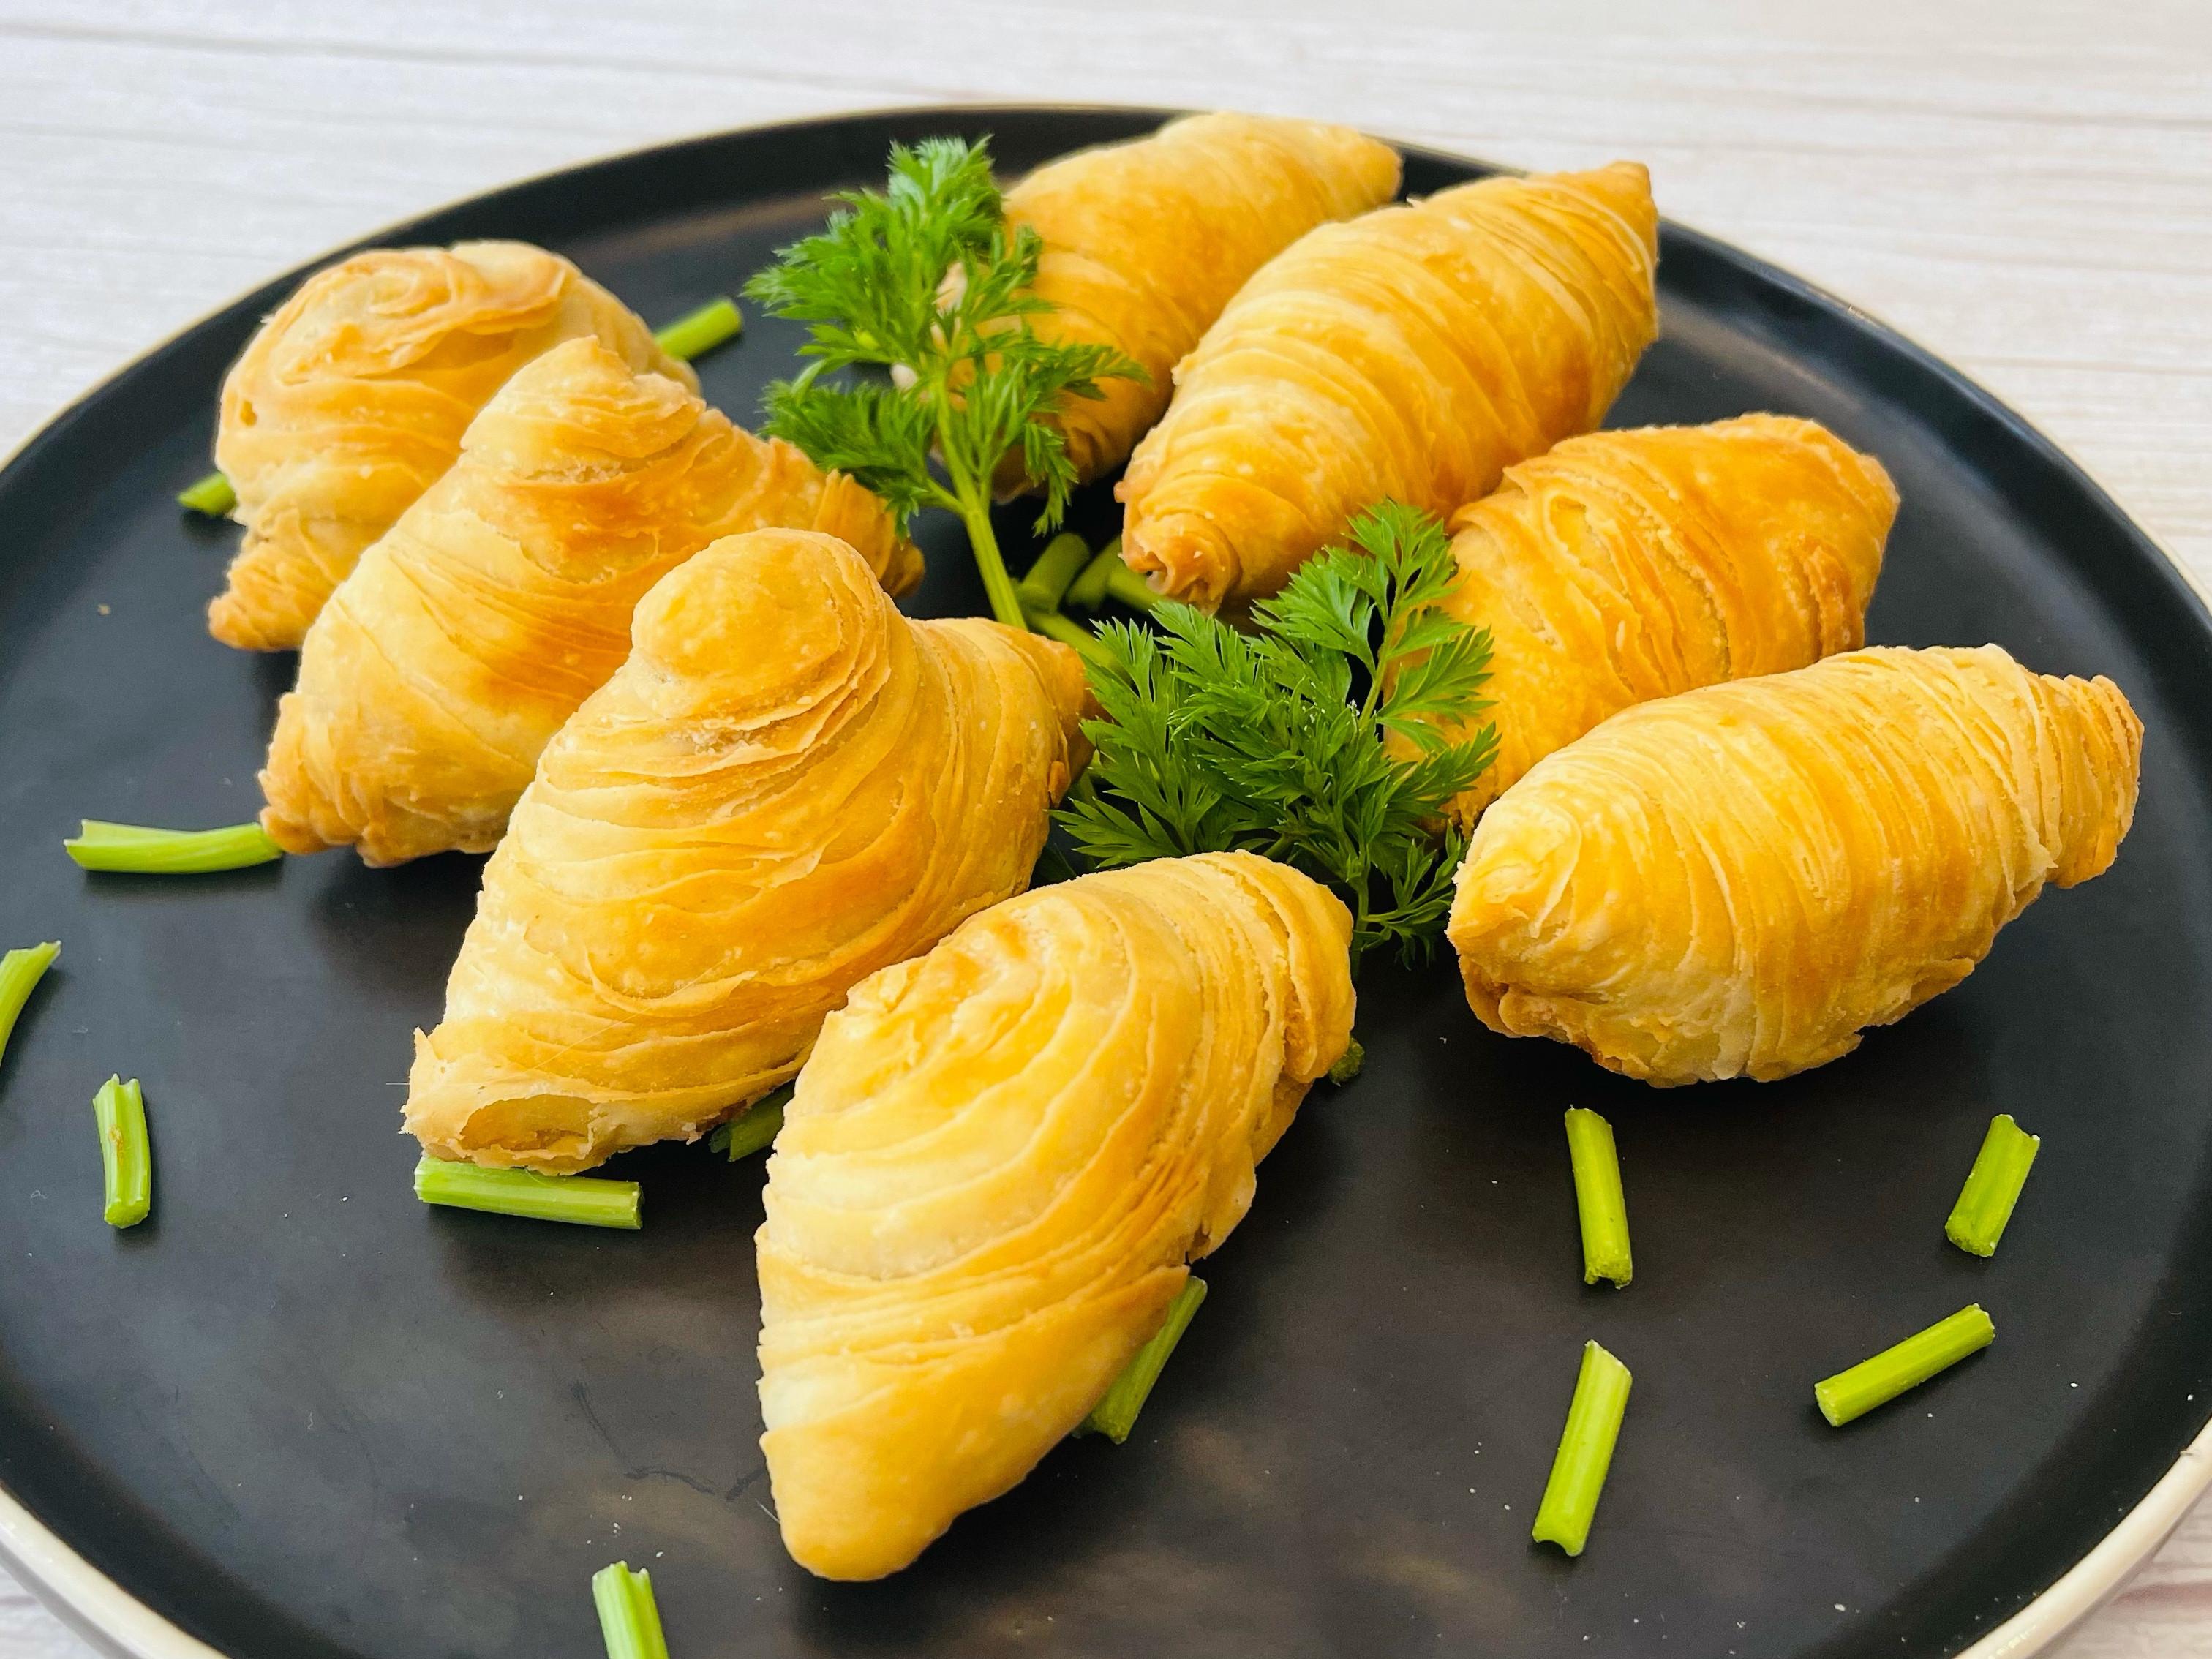 純素蘿蔔絲酥餅兩種包法!不用豬油一樣酥脆